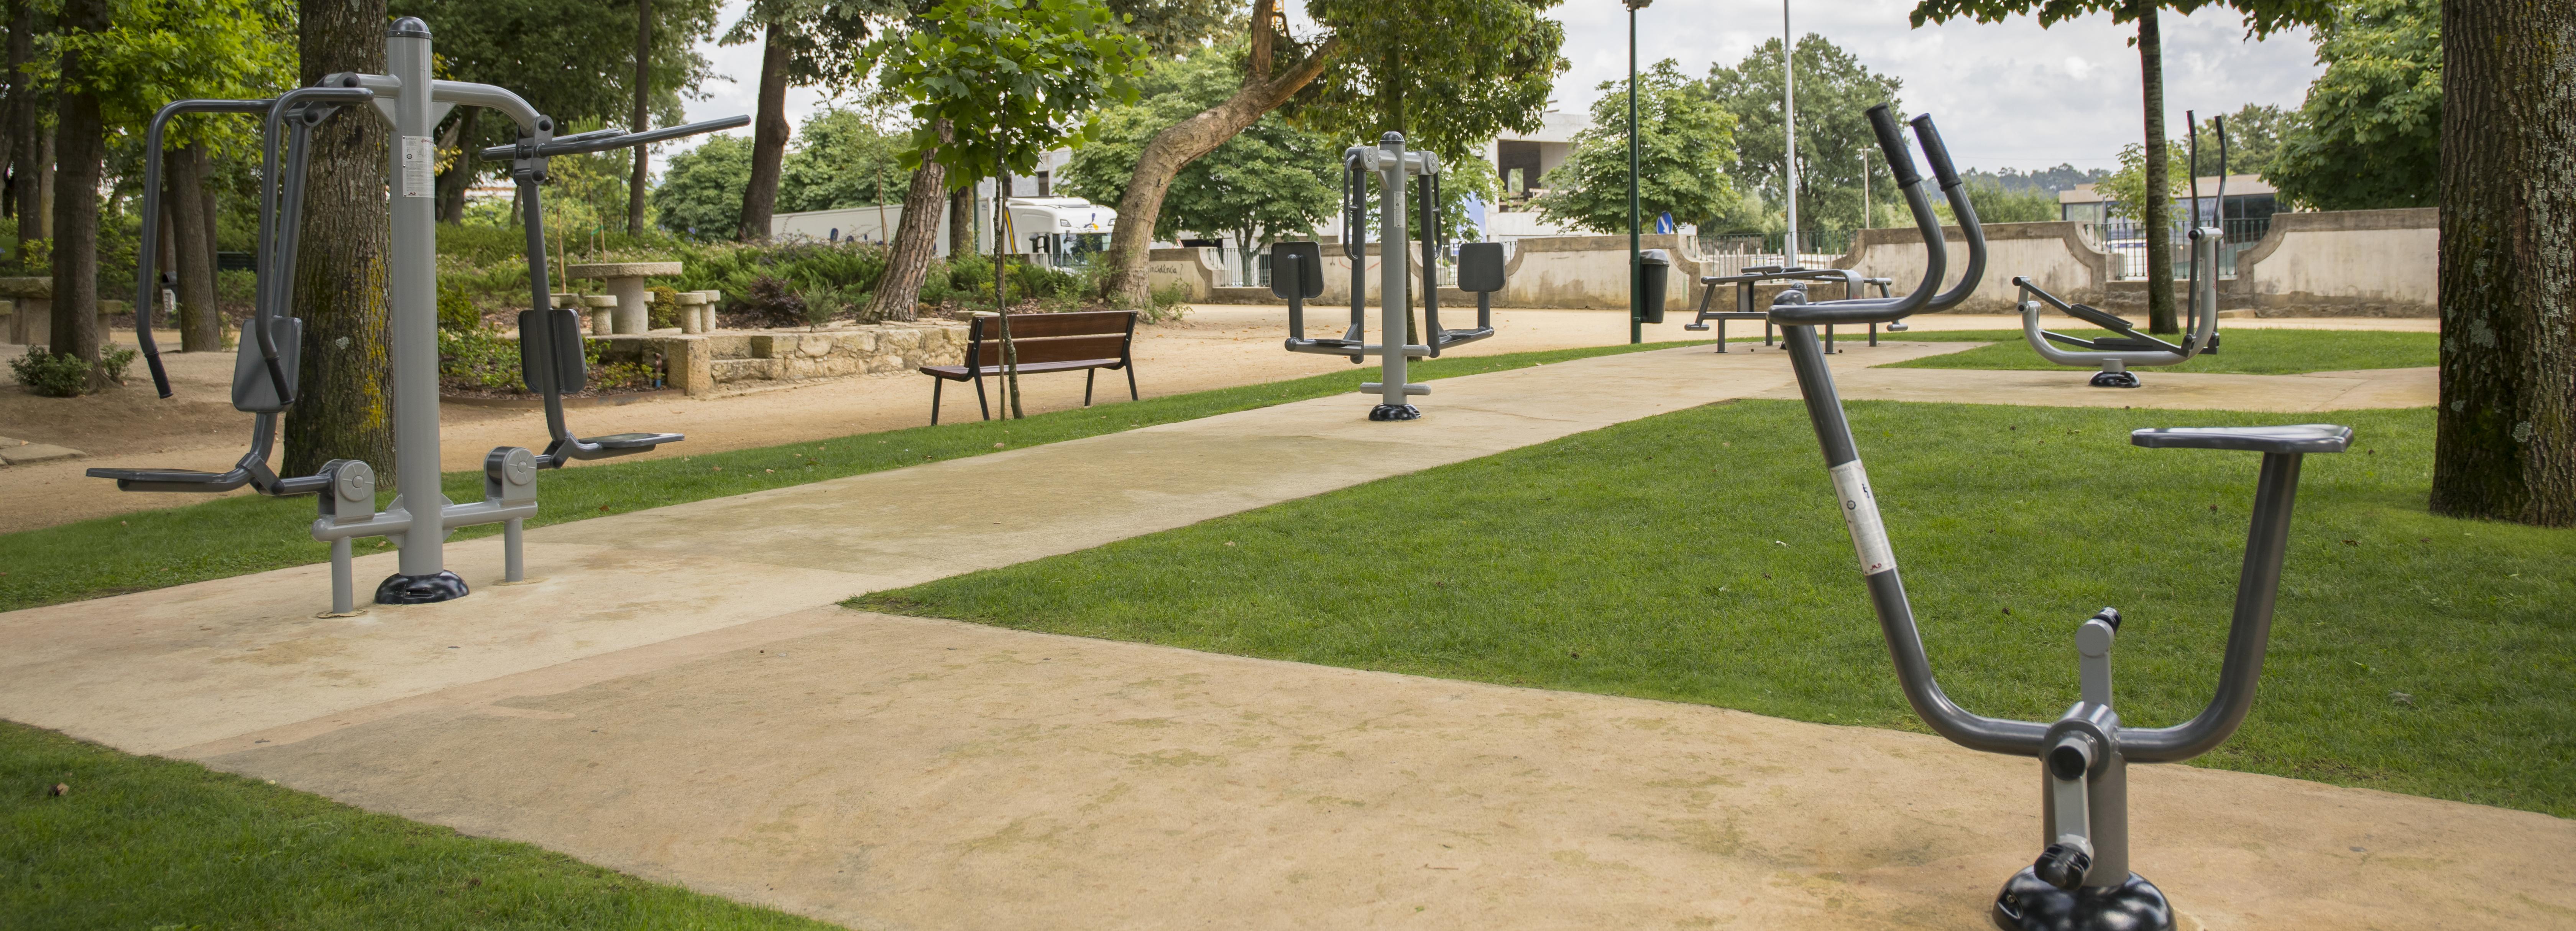 Parque da cidade equipado com novas máquinas de exercício de reforço muscular